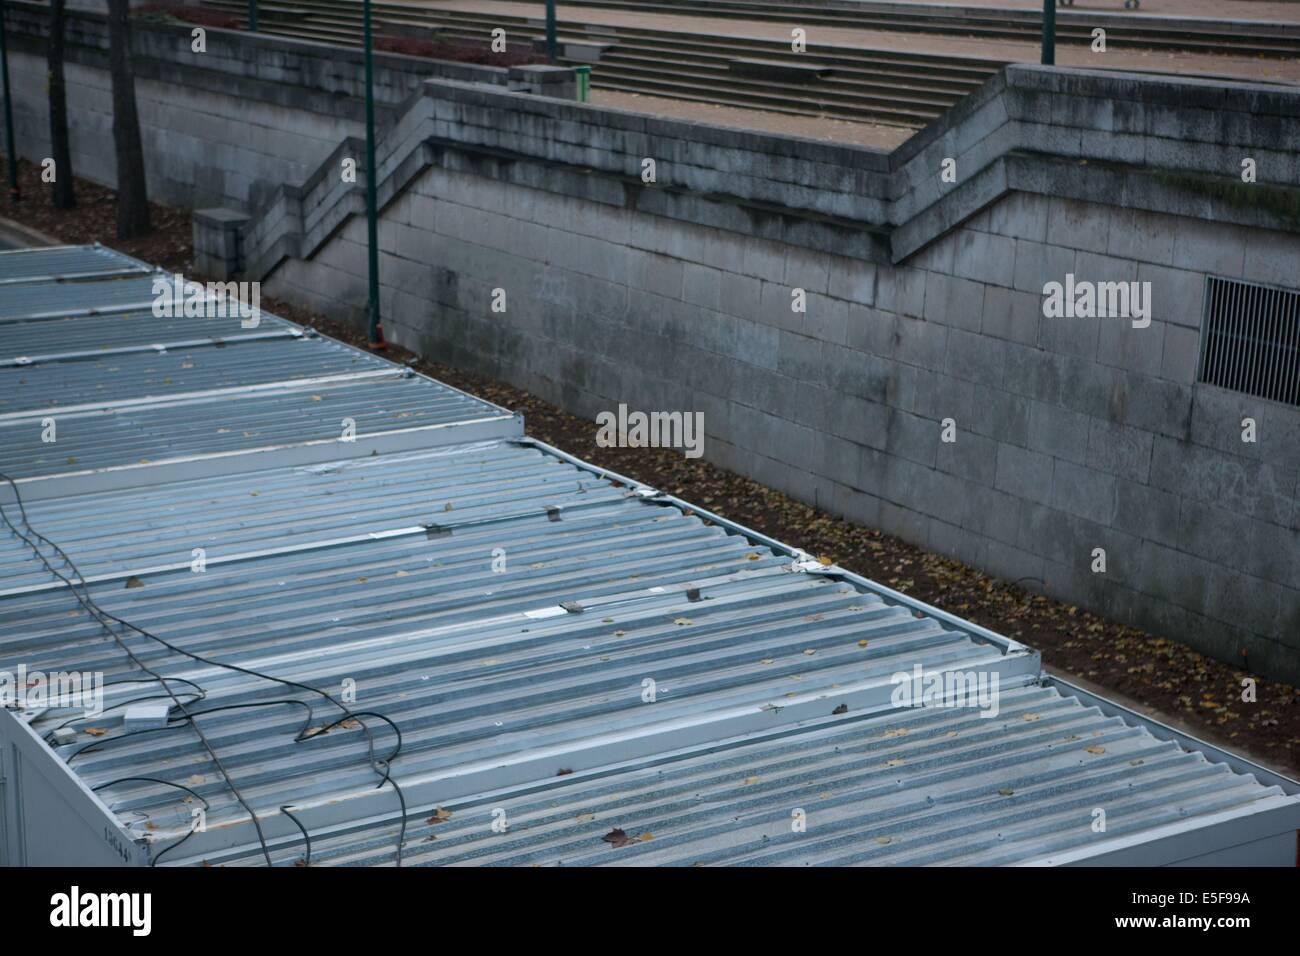 france, region ile de france, paris 16e arrondissement, place et pont de l'alma, toits de cabines de chantier algeco,quai Stock Photo